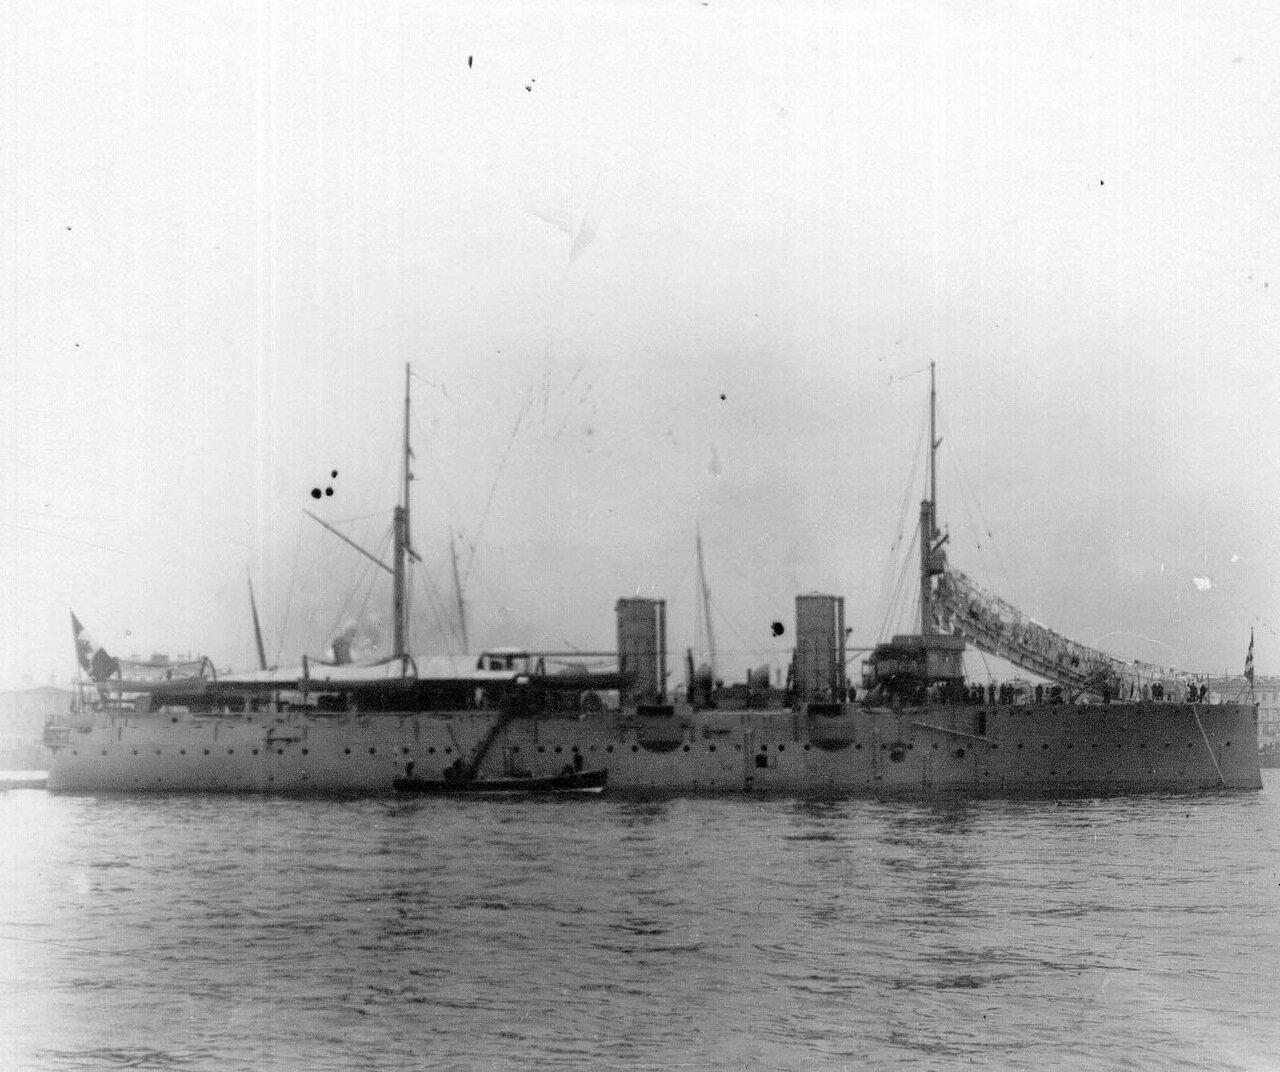 29. Военный корабль, идущий на ремонт на завод. 1911